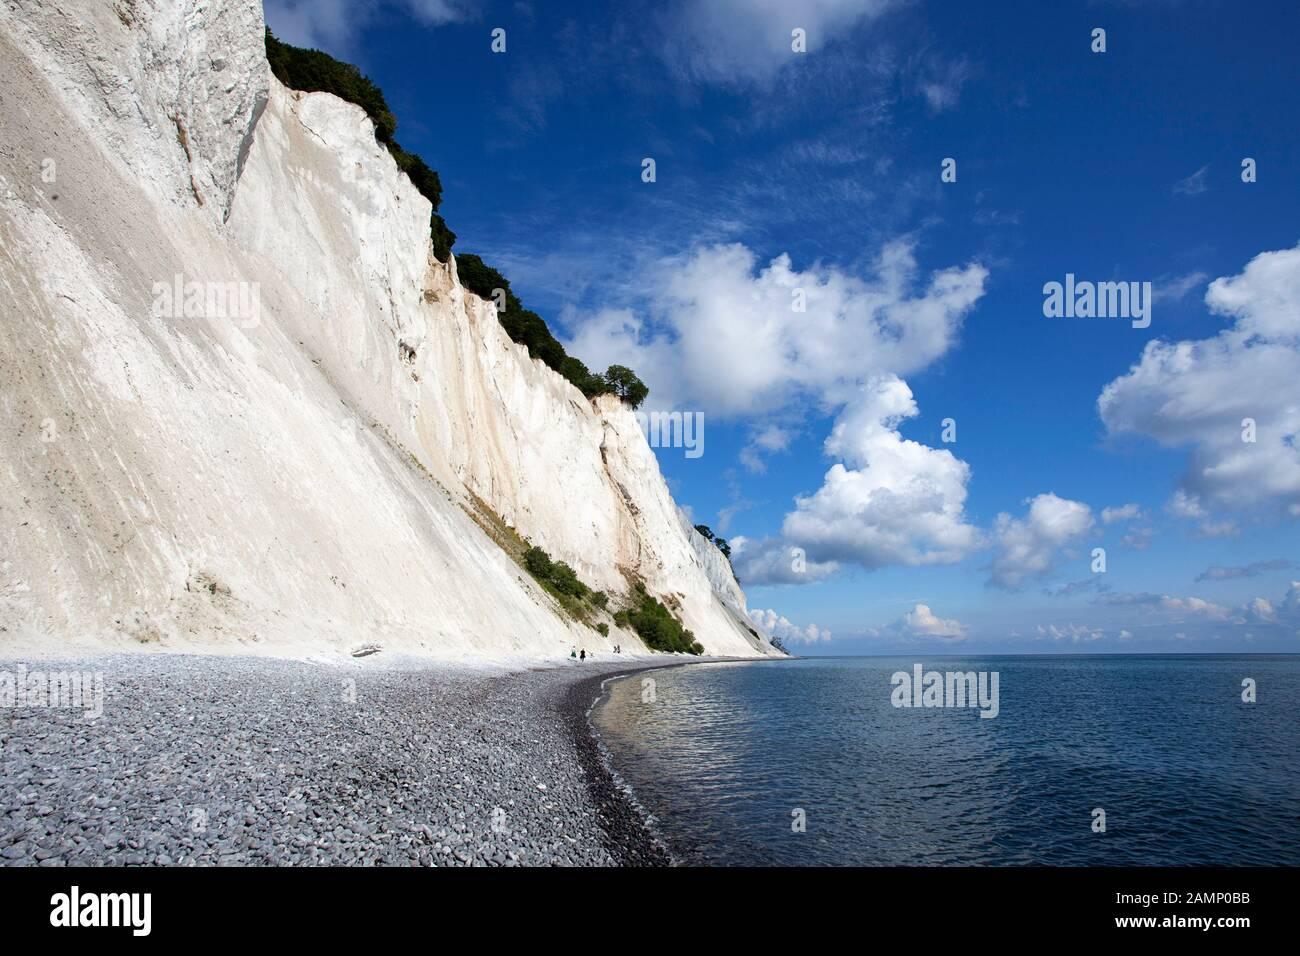 Moens Klint falaises de craie, Møn, Mons Klint, Moen, mer Baltique, Danemark, Scandinavie, Europe Banque D'Images